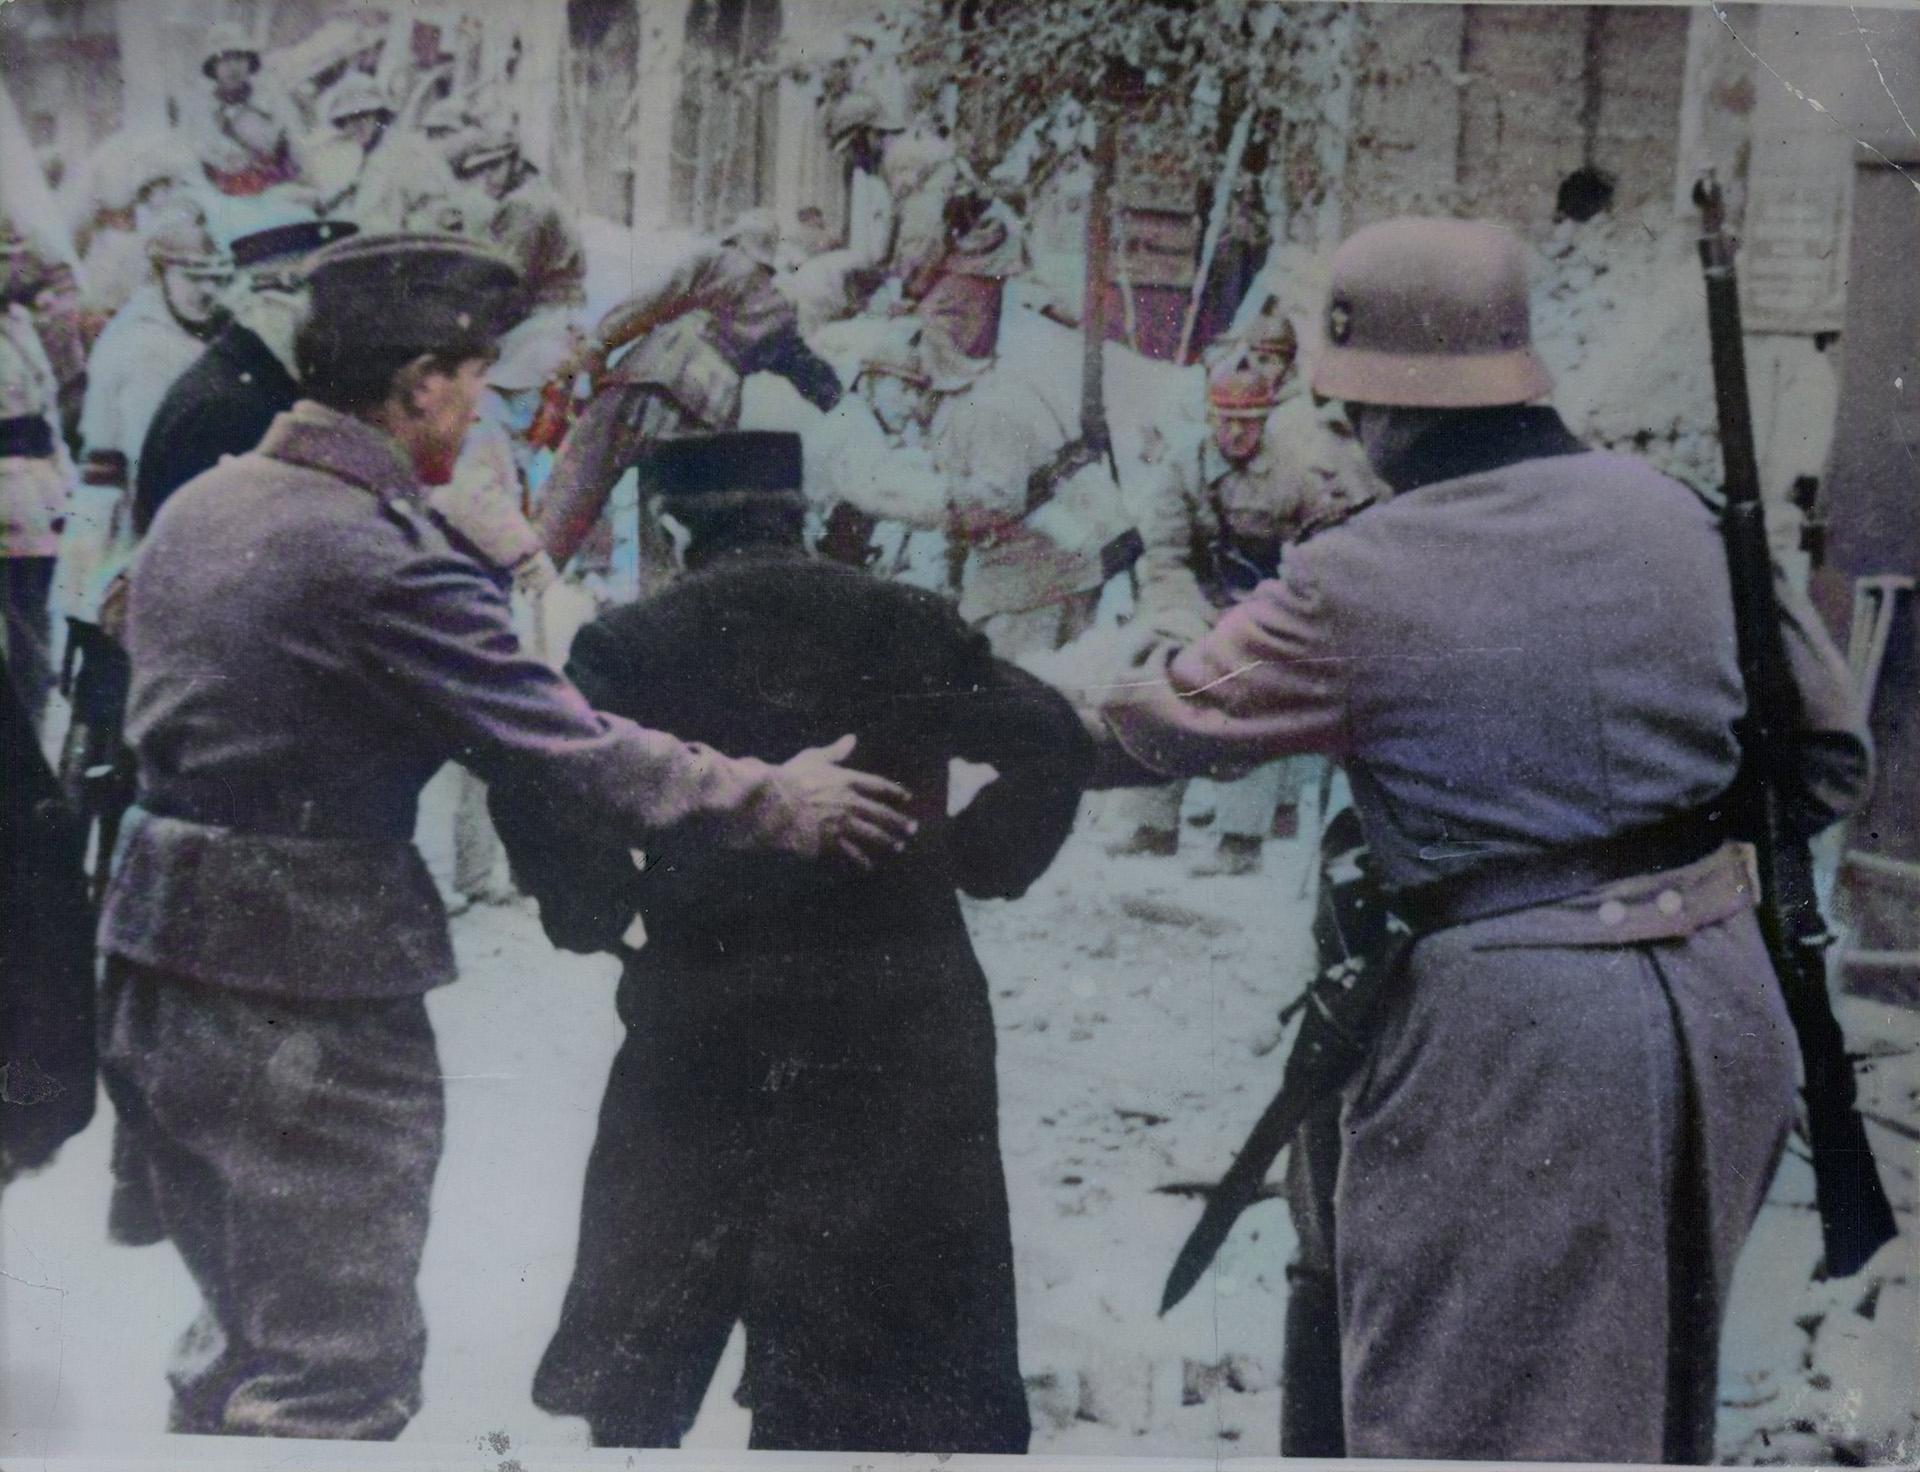 La gestapo arrestando a un hombre